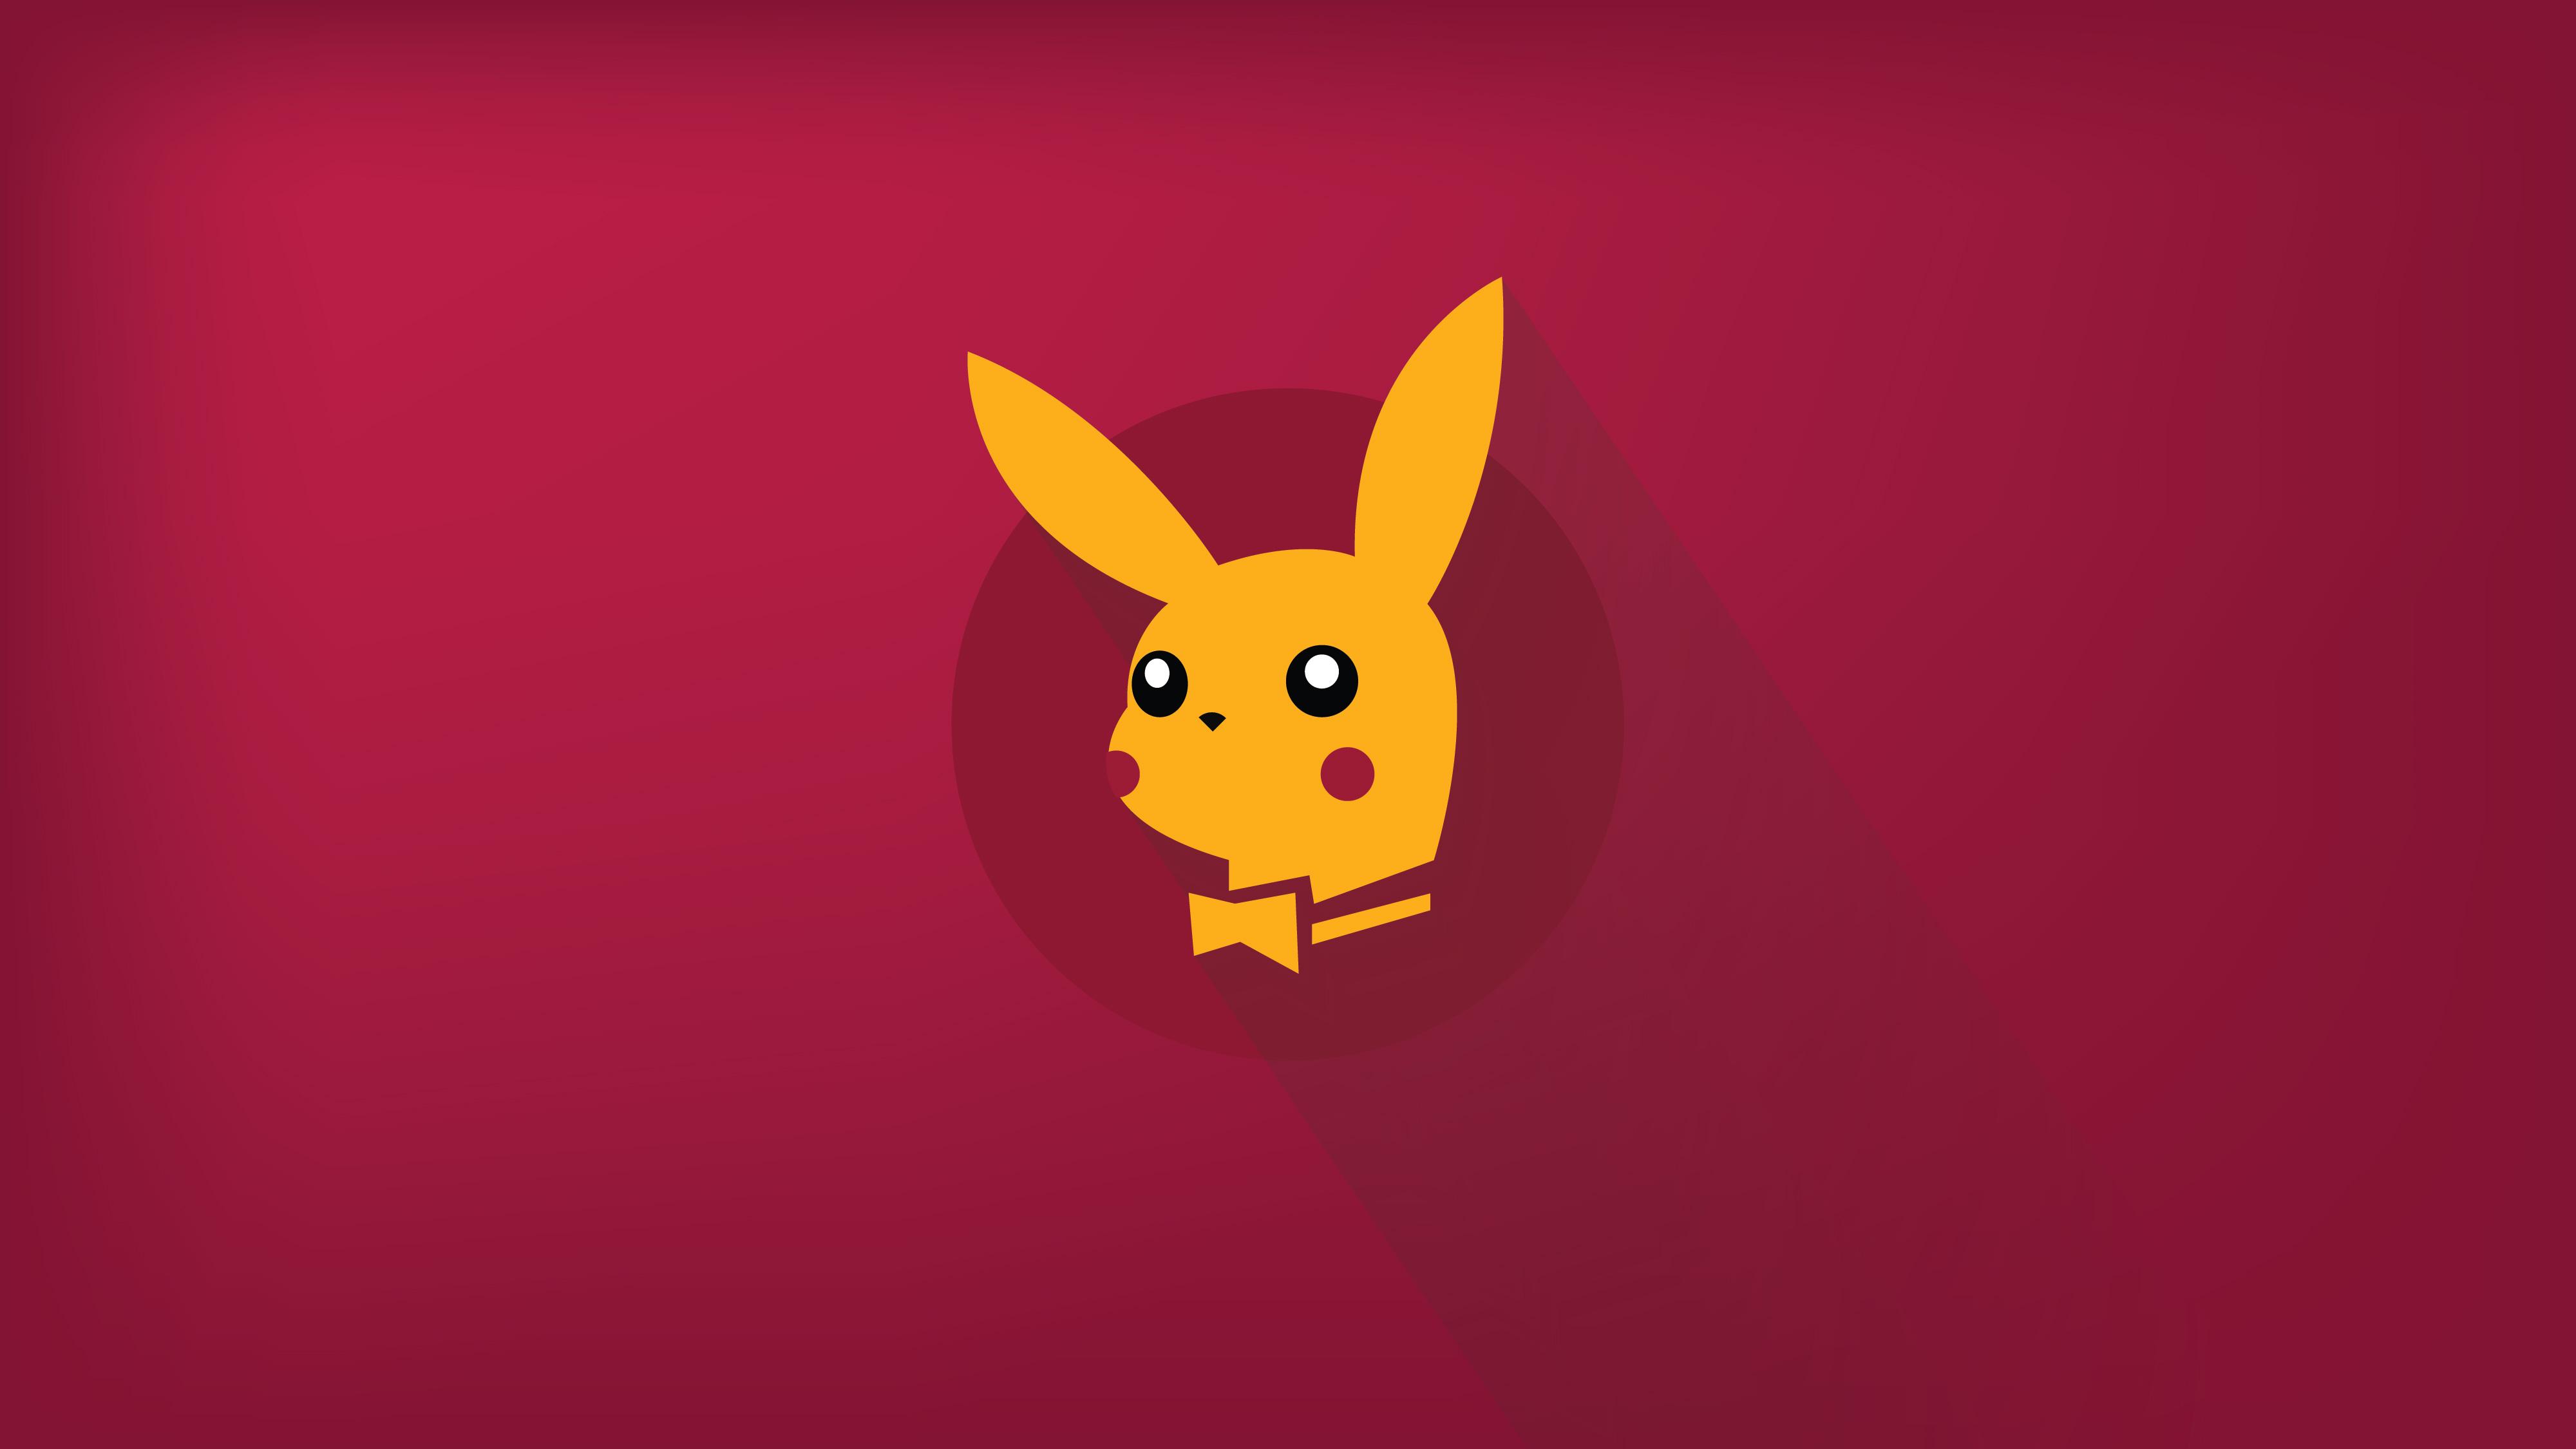 1366x768 Pikachu 1366x768 Resolution Hd 4k Wallpapers